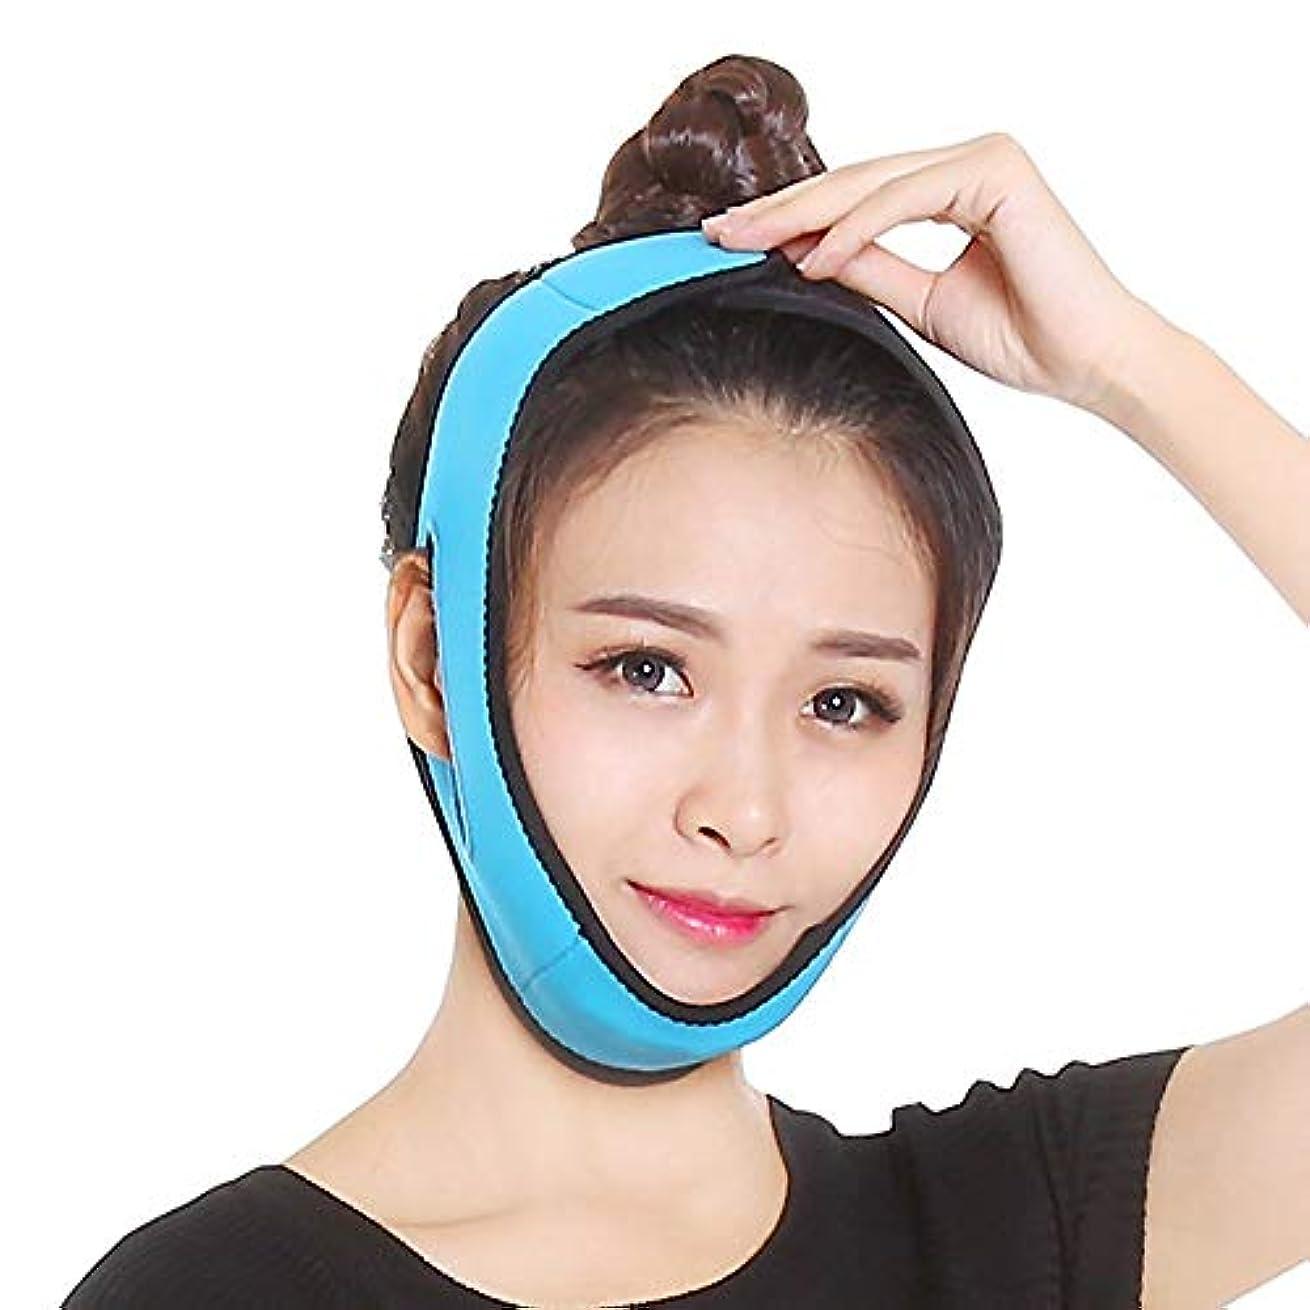 正当化する自動的にニックネームMinmin フェイシャルリフティングスリミングベルト - 薄いフェイス包帯二重あごデバイス無料フェイシャルマッサージ整形マスクを引き締める顔と首の顔スリム みんみんVラインフェイスマスク